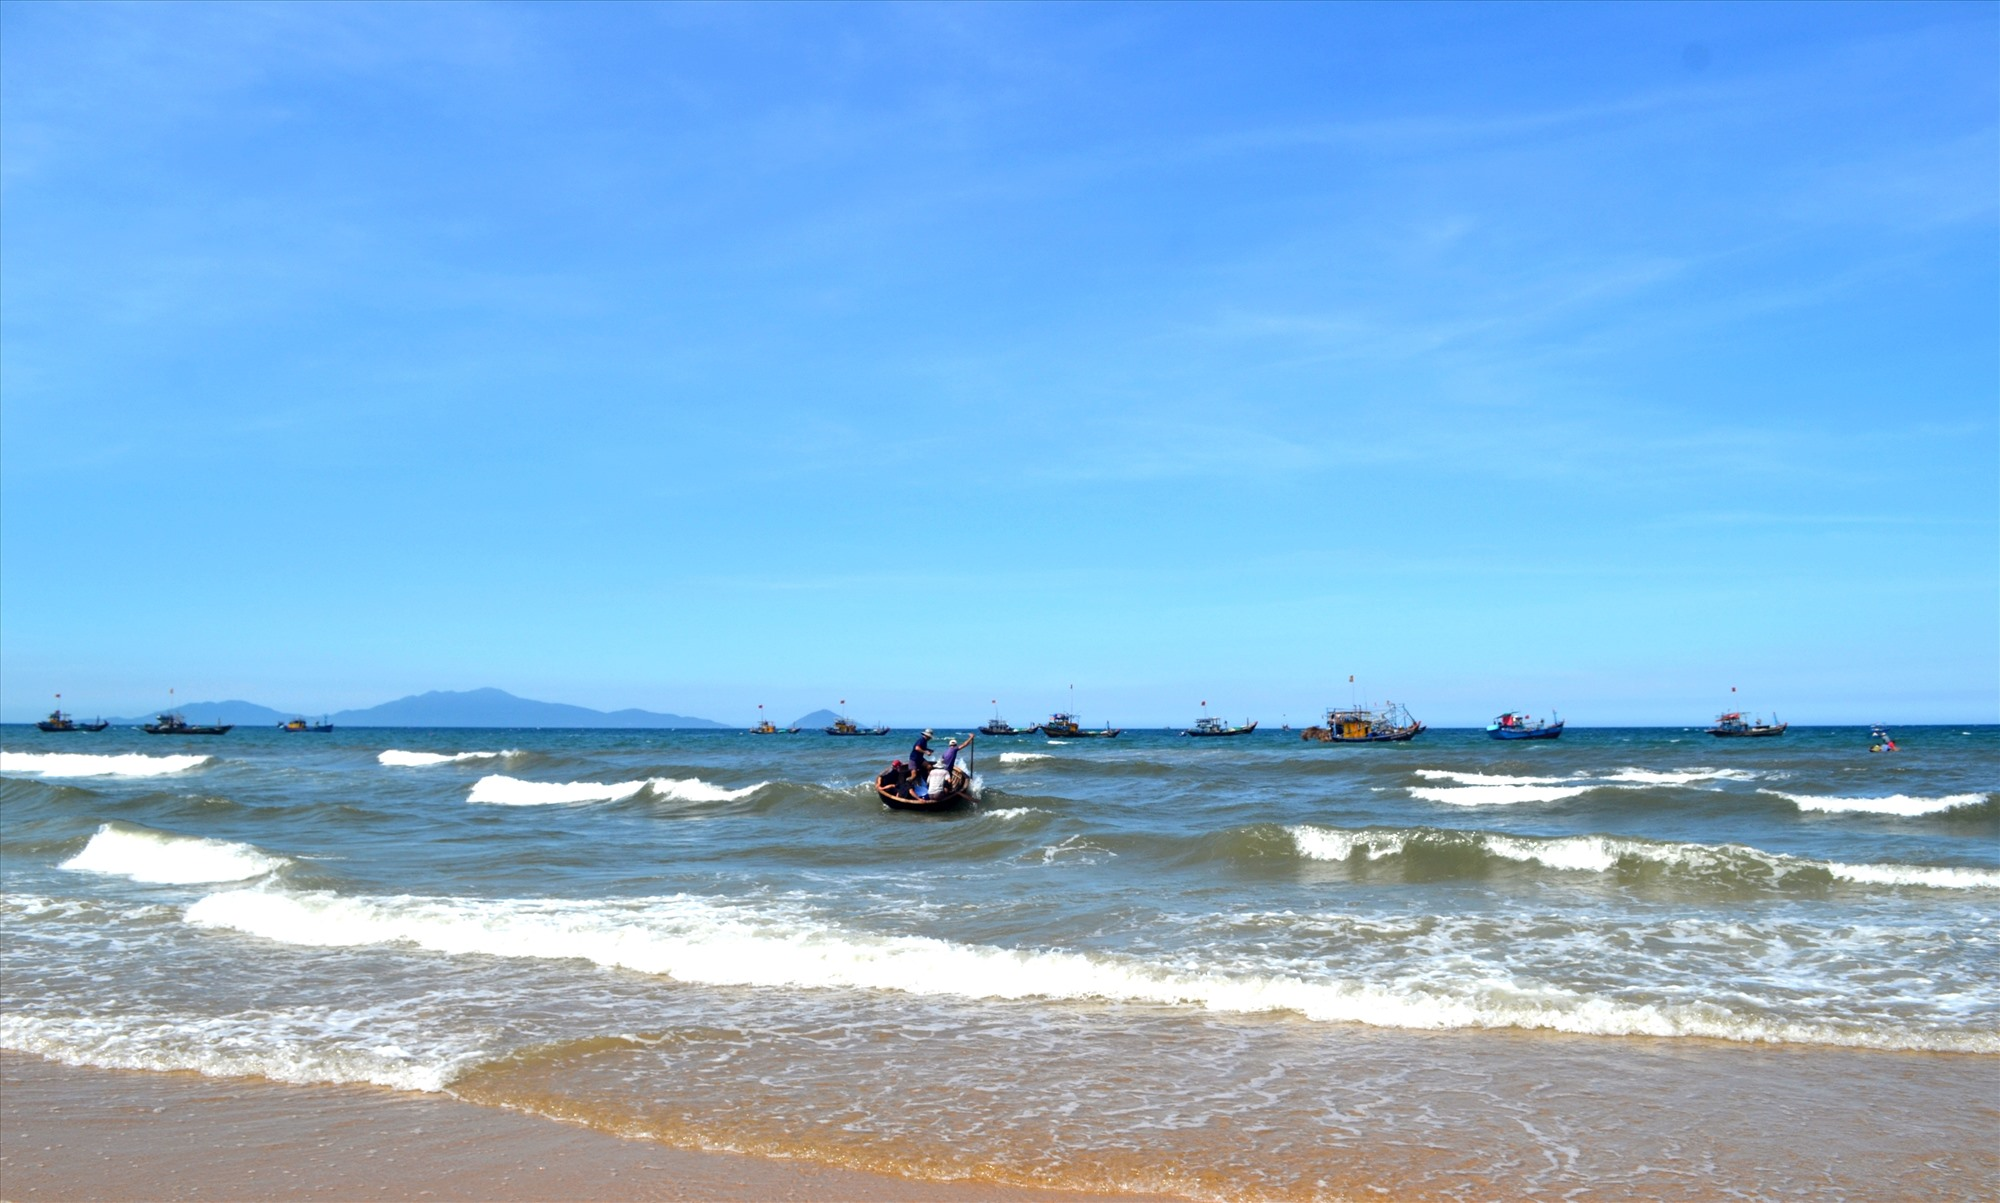 Nhiều tàu cá ở vùng bãi ngang ven biển ra khơi nhưng không thực hiện thủ tục xuất bến với lực lượng kiểm soát biên phòng. Ảnh: VIỆT NGUYỄN